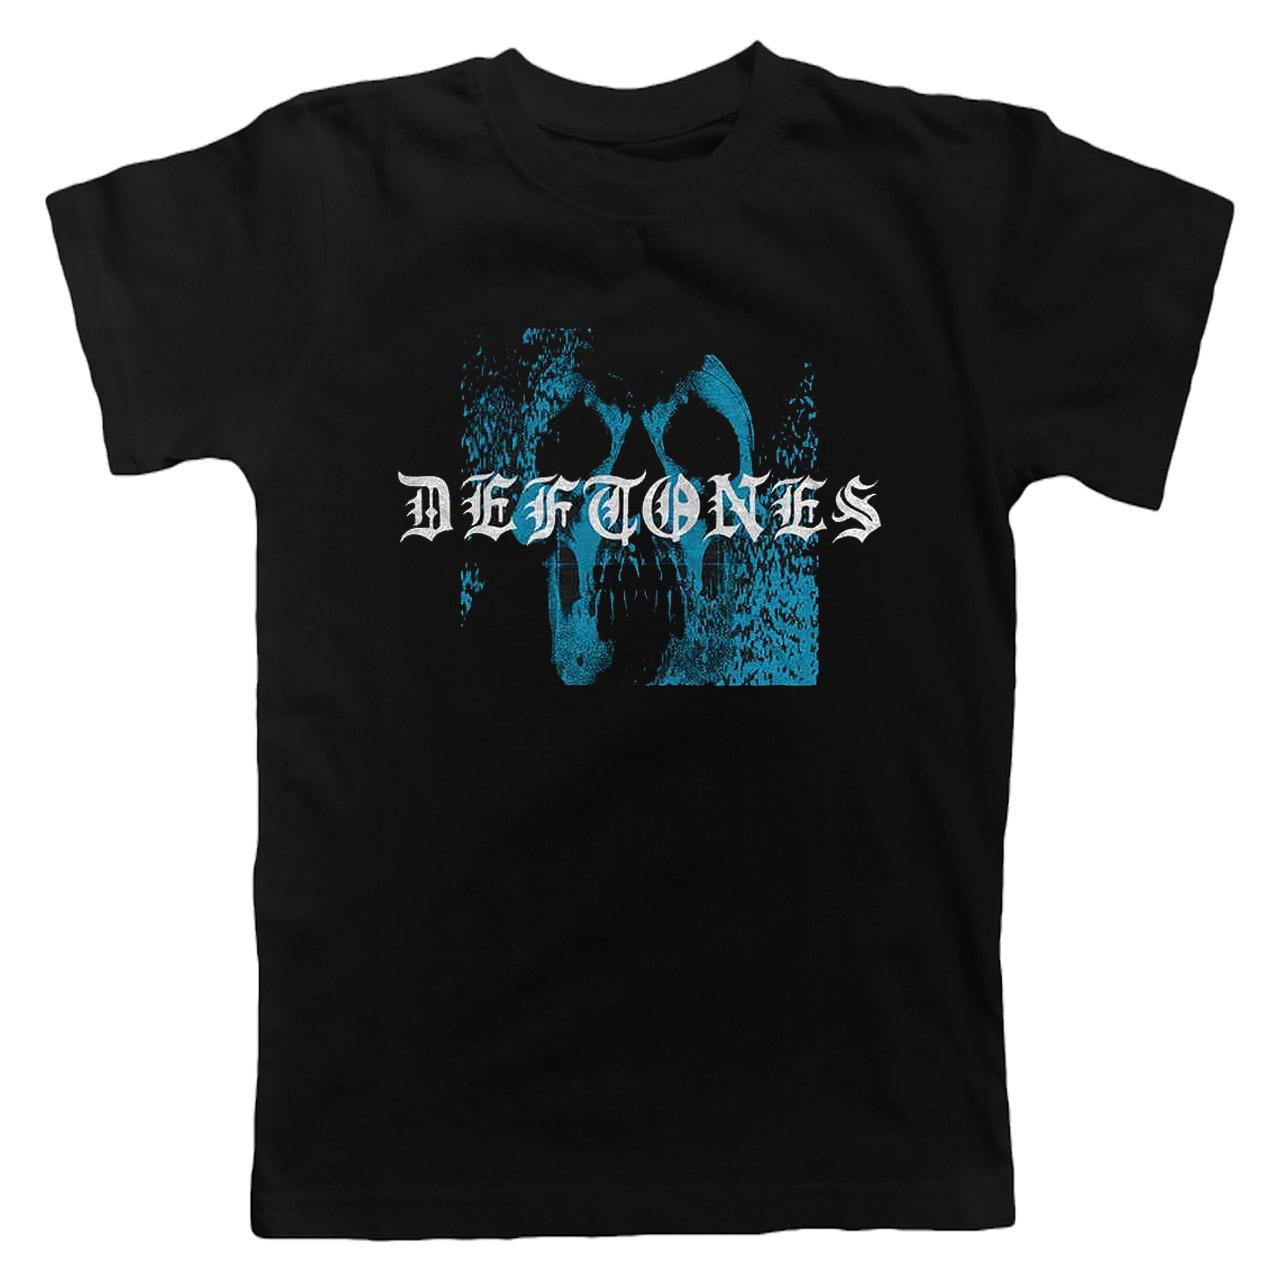 DEFTONES Static Skull Tshirt